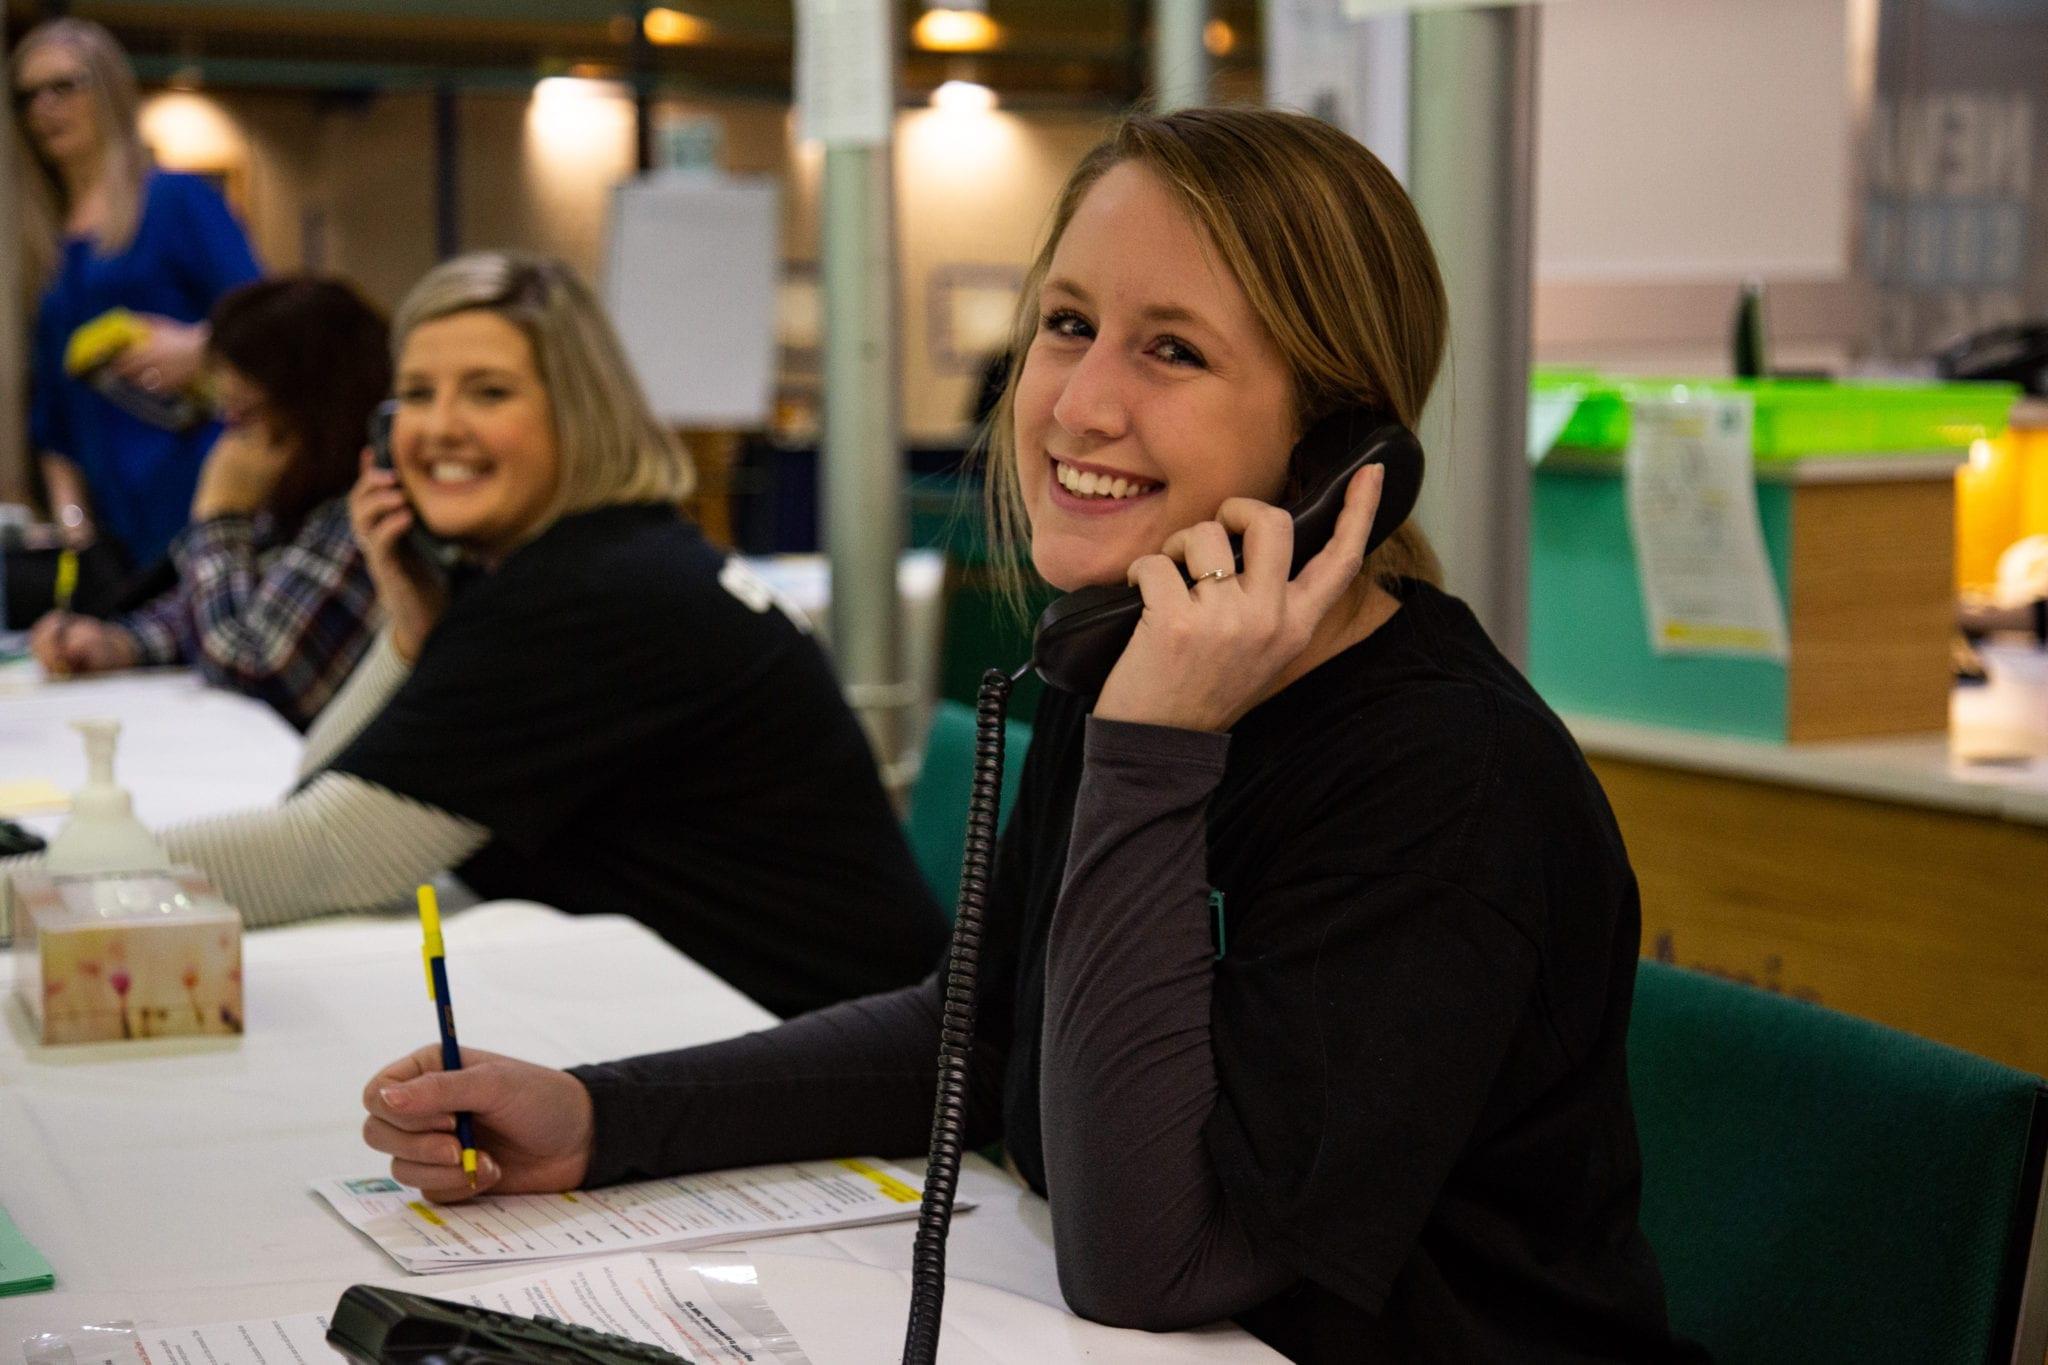 AL employees volunteer at the 8th annual Radiothon for The Moncton Hospital / Les employés de la Loto font du bénévolat au 8e Radiothon annuel pour L'Hôpital de Moncton